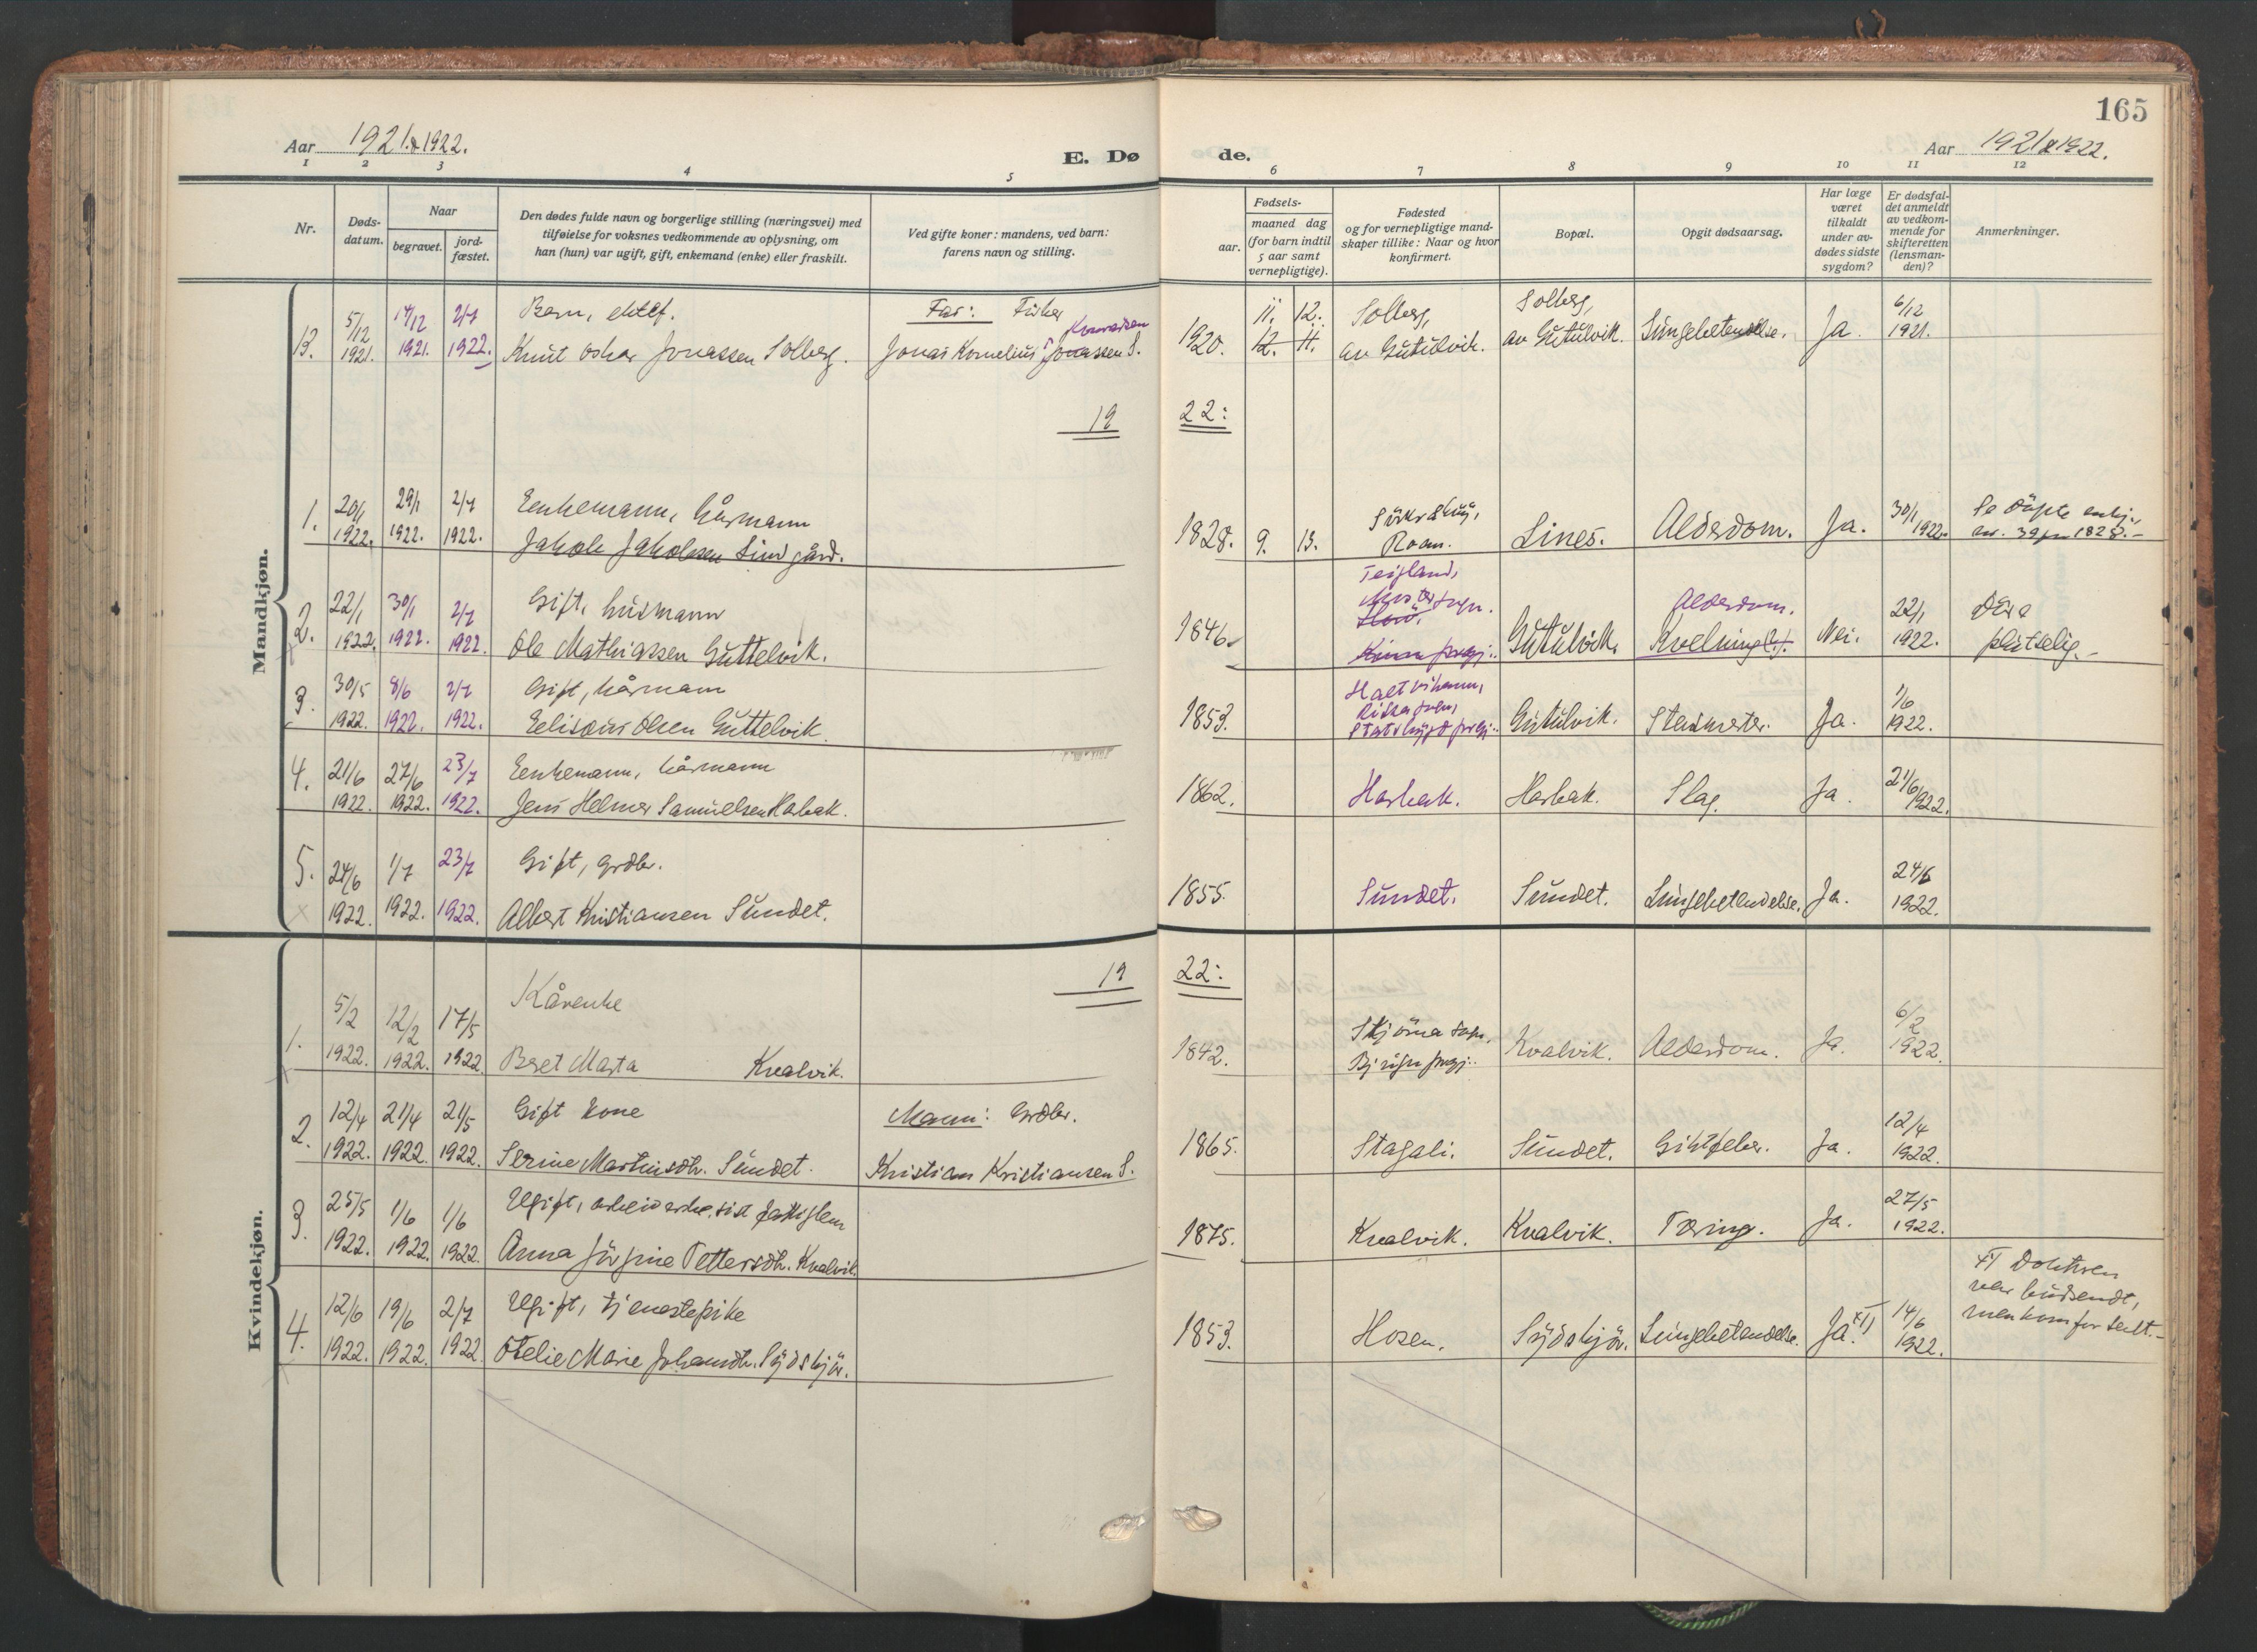 SAT, Ministerialprotokoller, klokkerbøker og fødselsregistre - Sør-Trøndelag, 656/L0694: Ministerialbok nr. 656A03, 1914-1931, s. 165